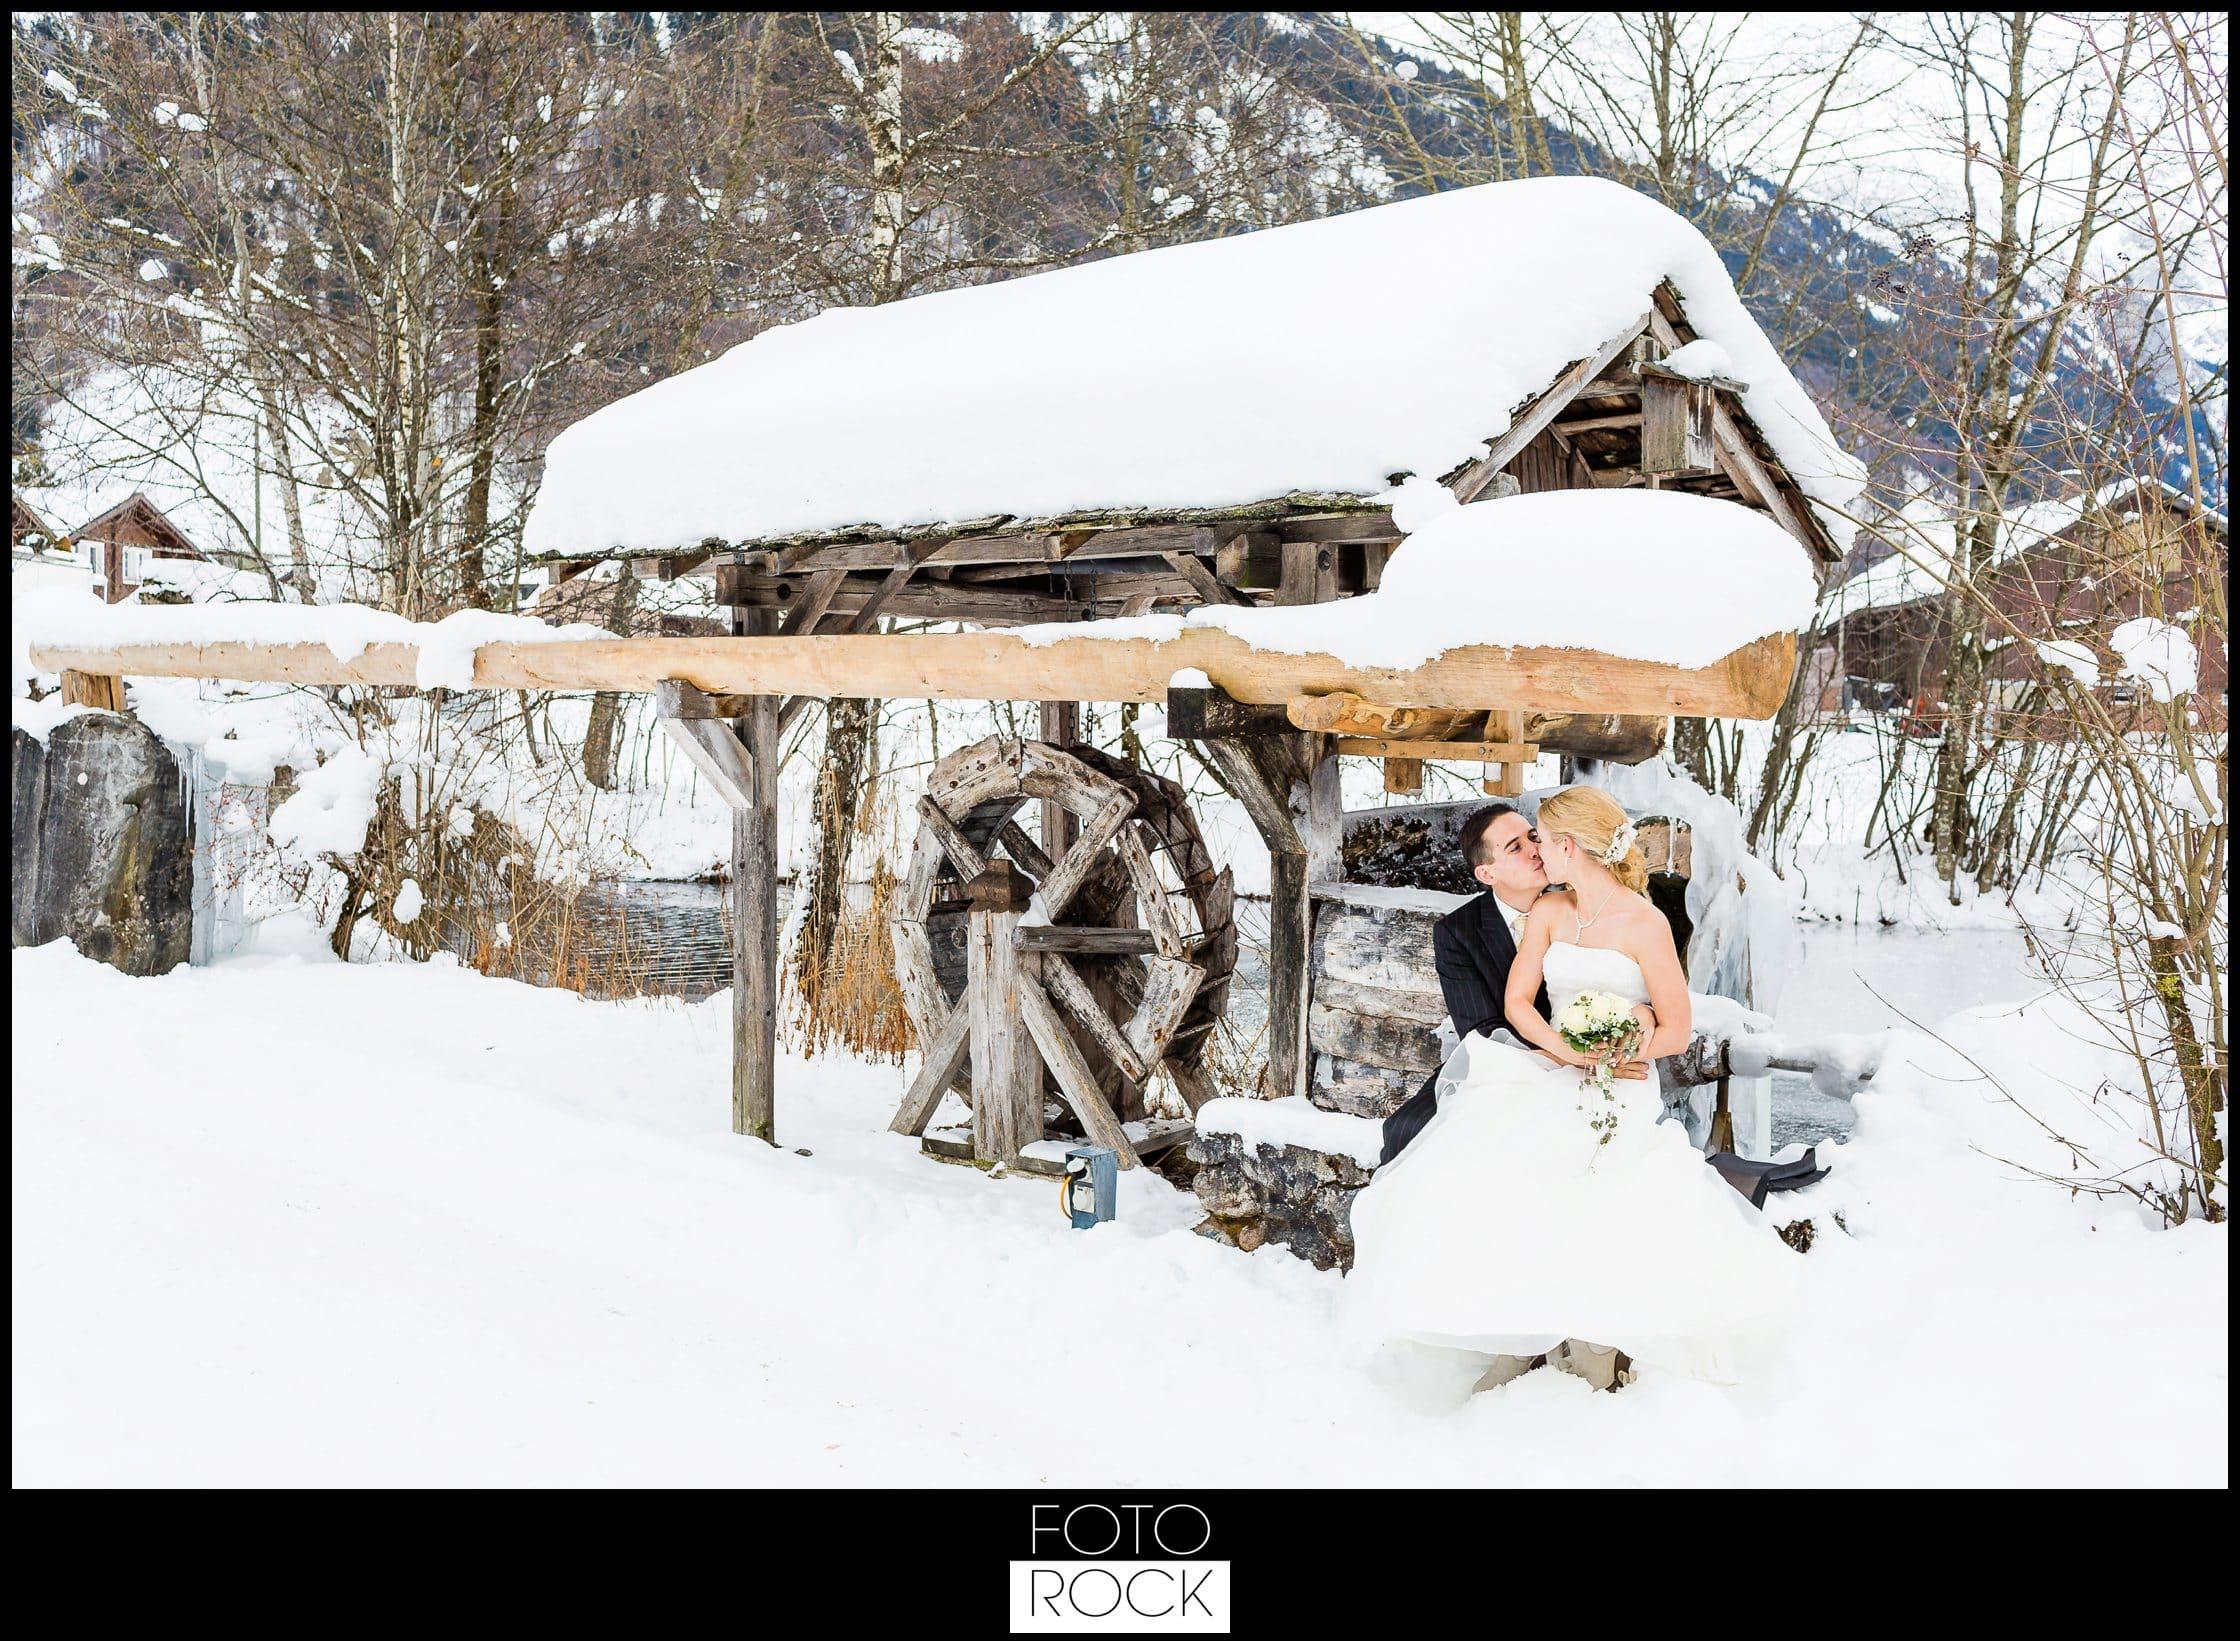 Hochzeit Winter Engelberg Wassermühle Brautpaar Kuss Schnee